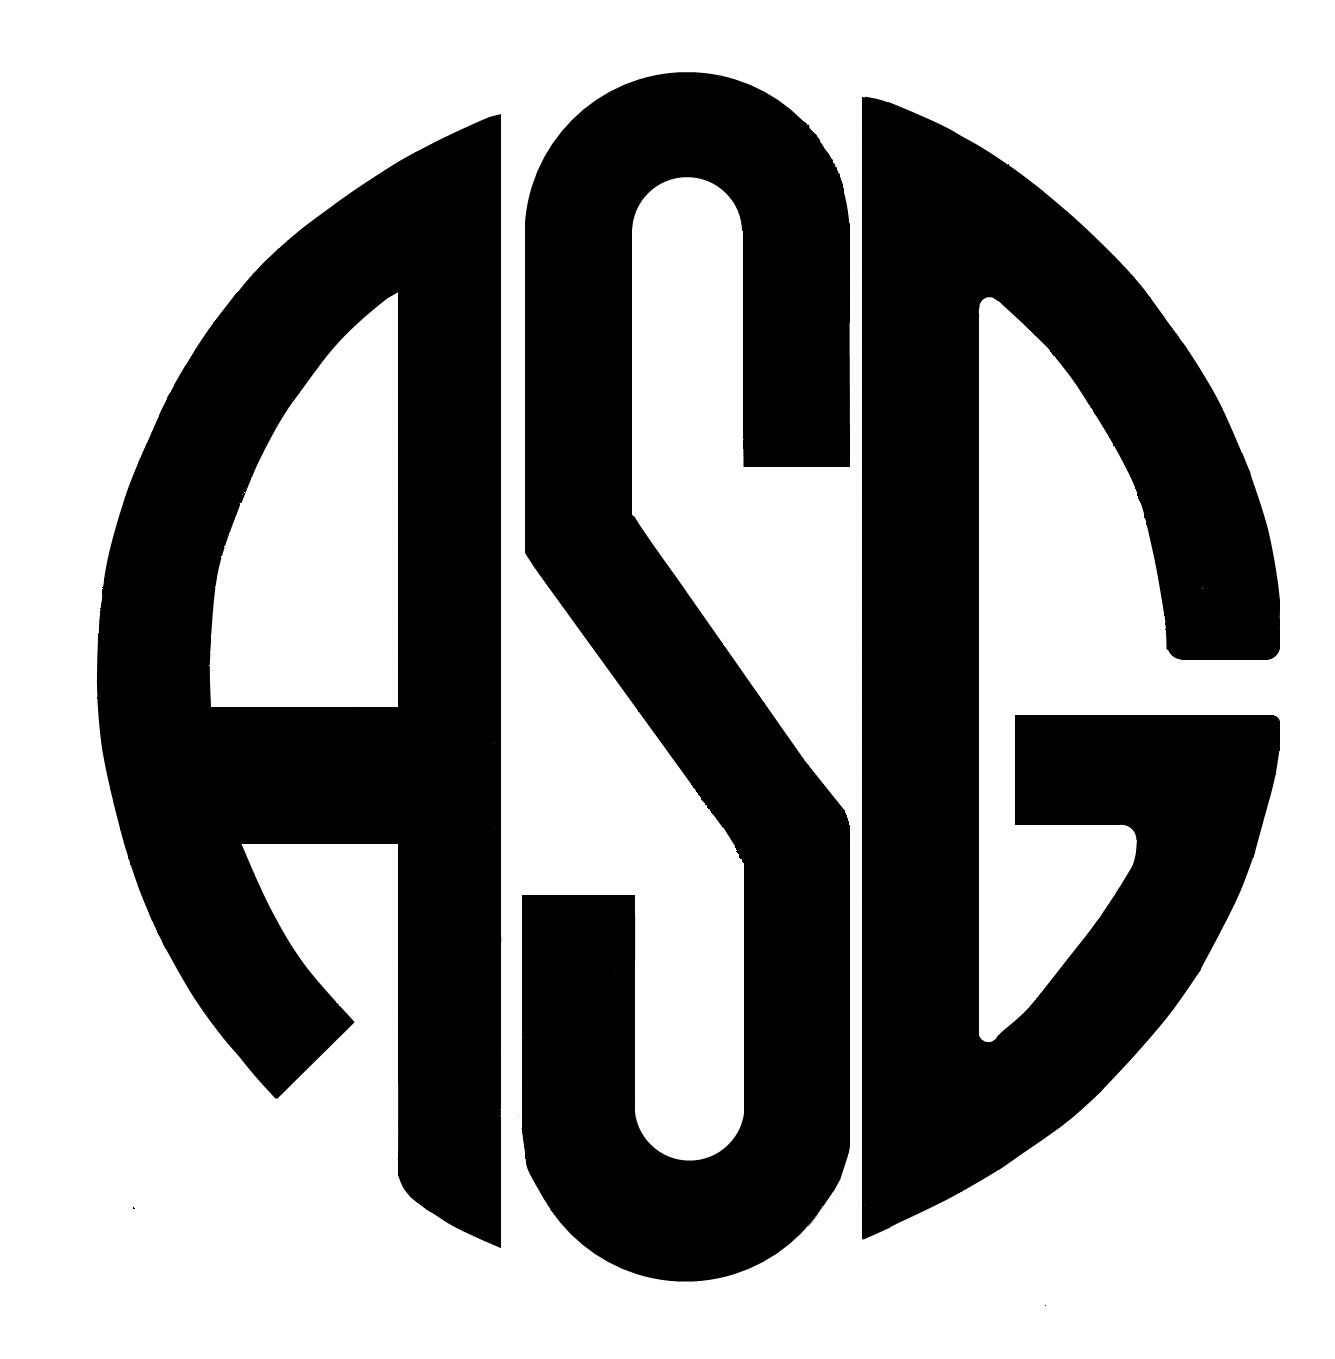 ASG-Porz